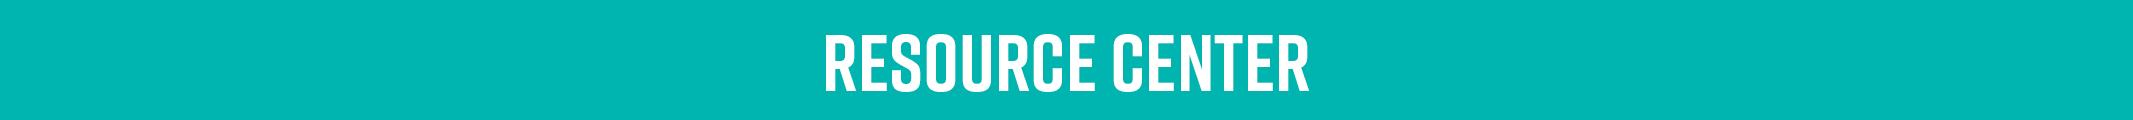 Resource Center banner